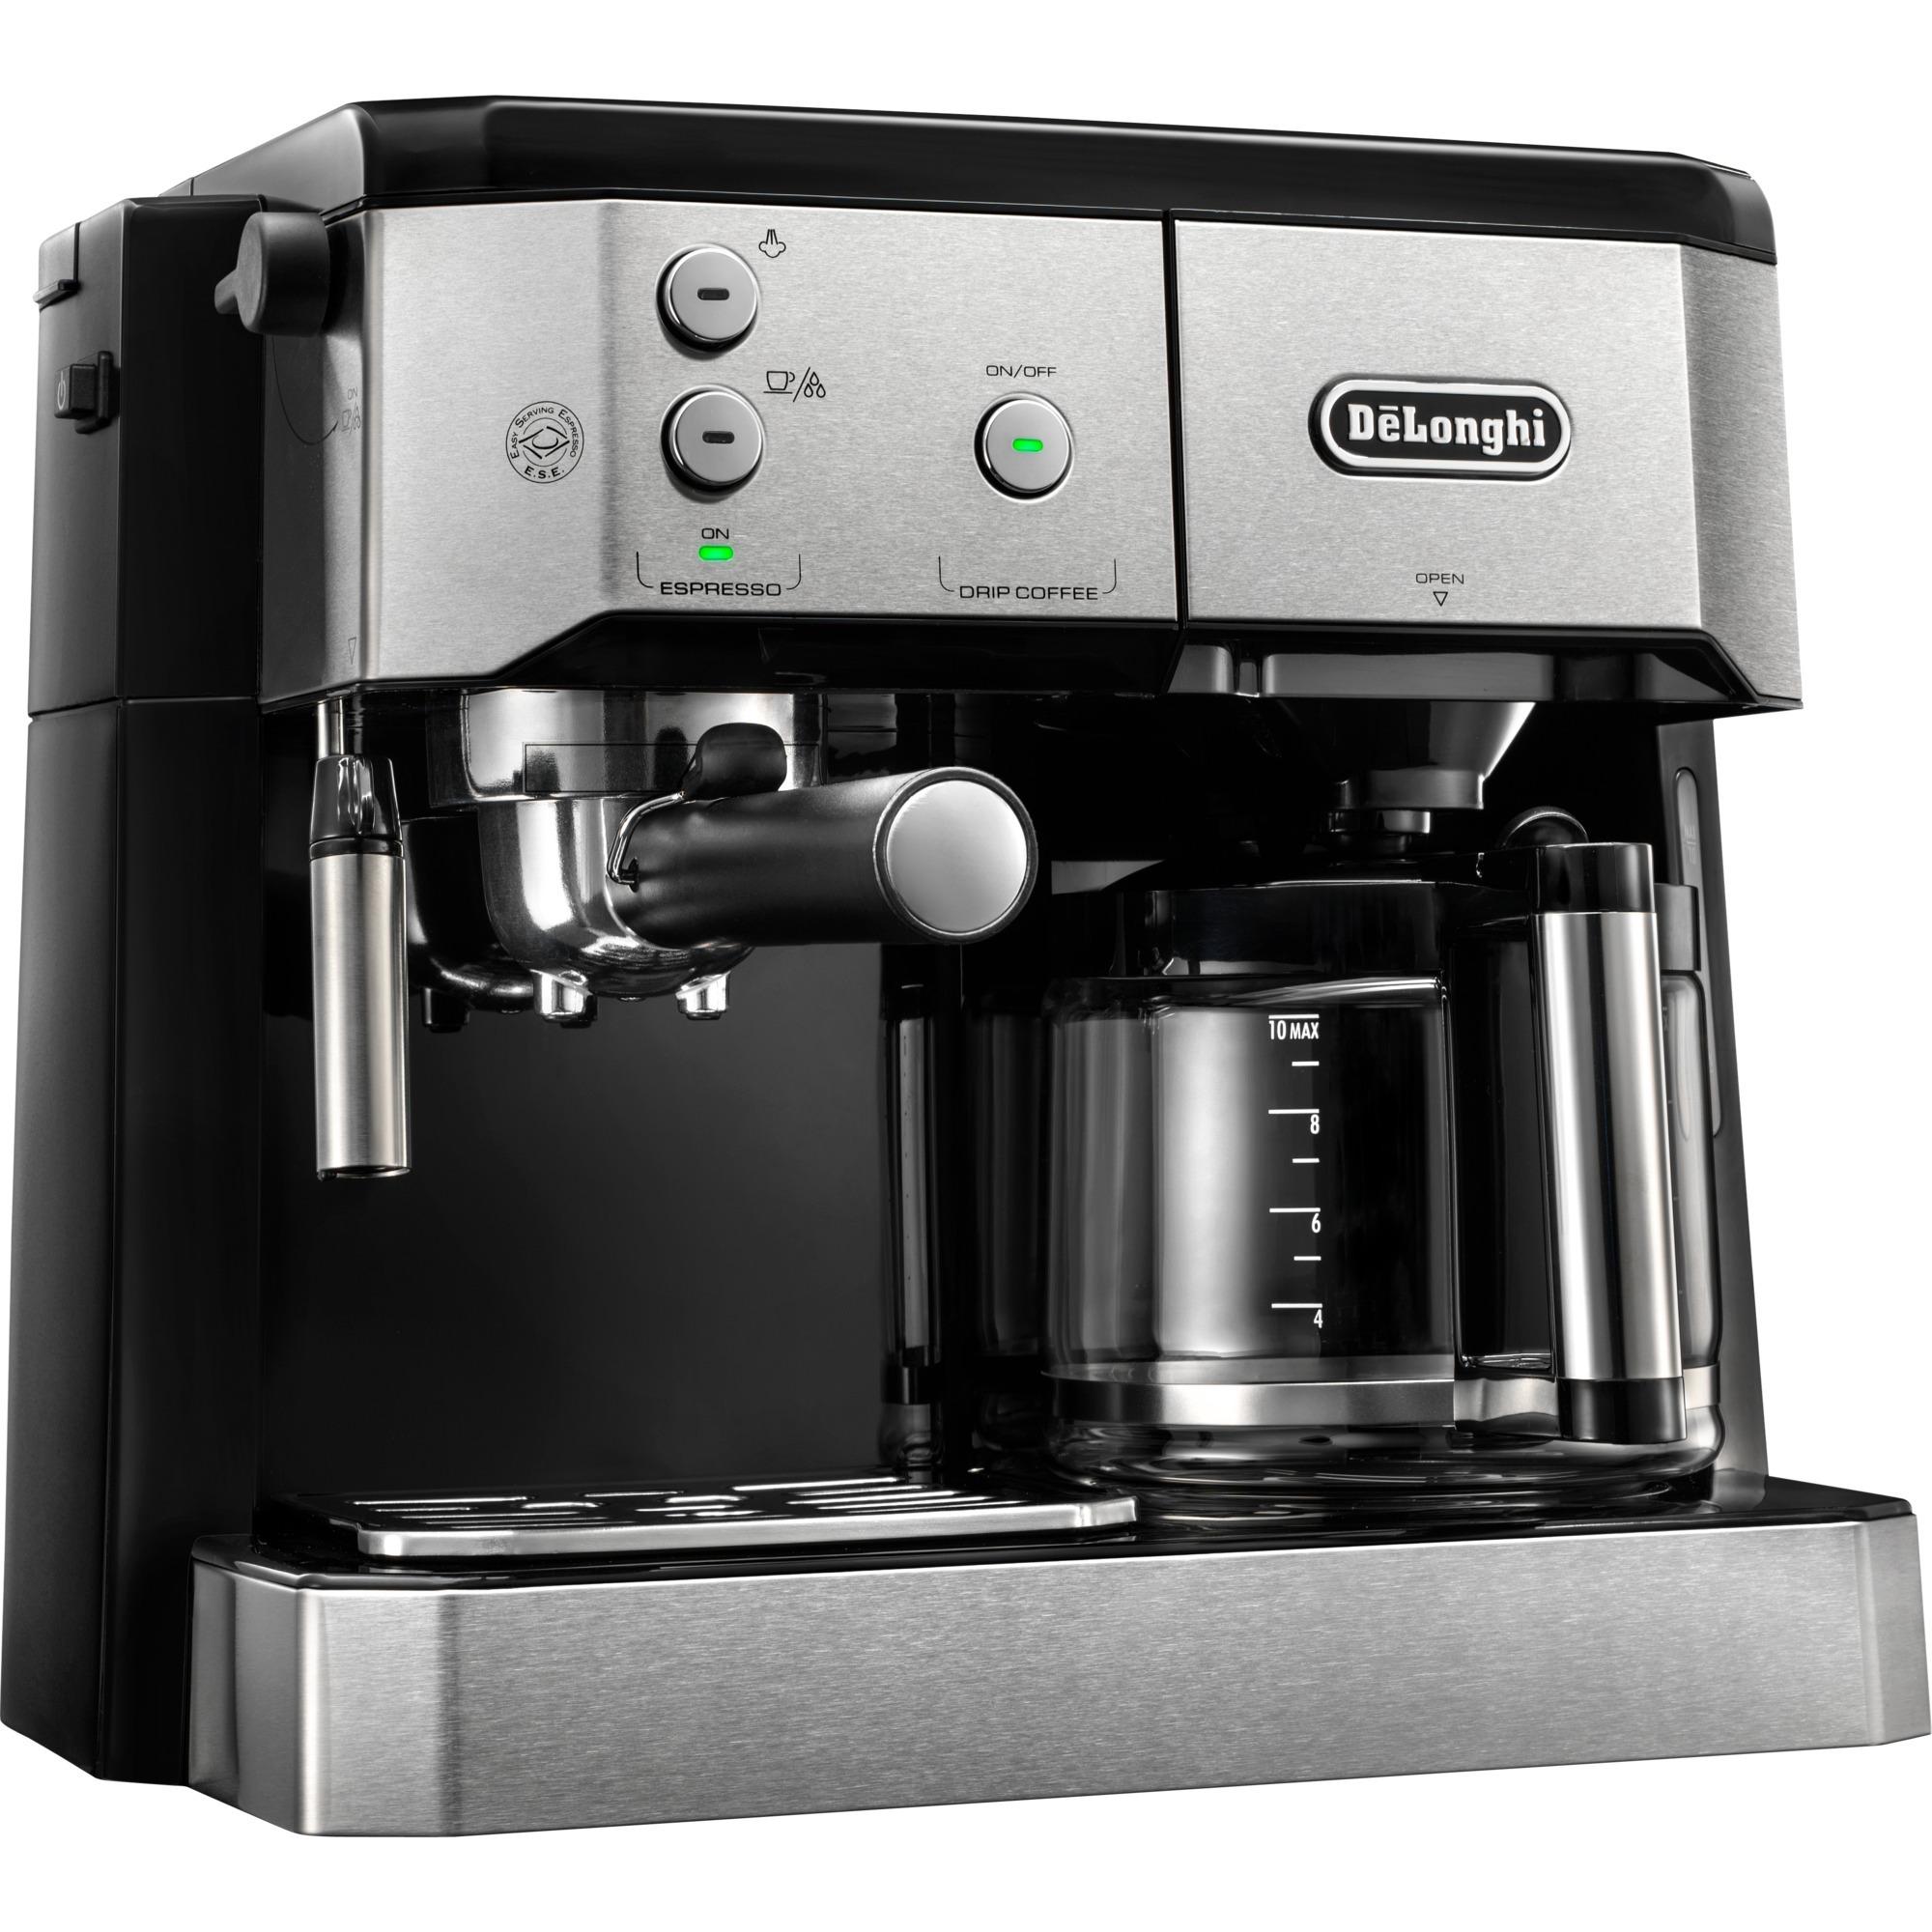 BCO 420.1 cafetera eléctrica Independiente Cafetera combinada Negro, Plata 1 L 10 tazas Semi-automática, Cafetera espresso